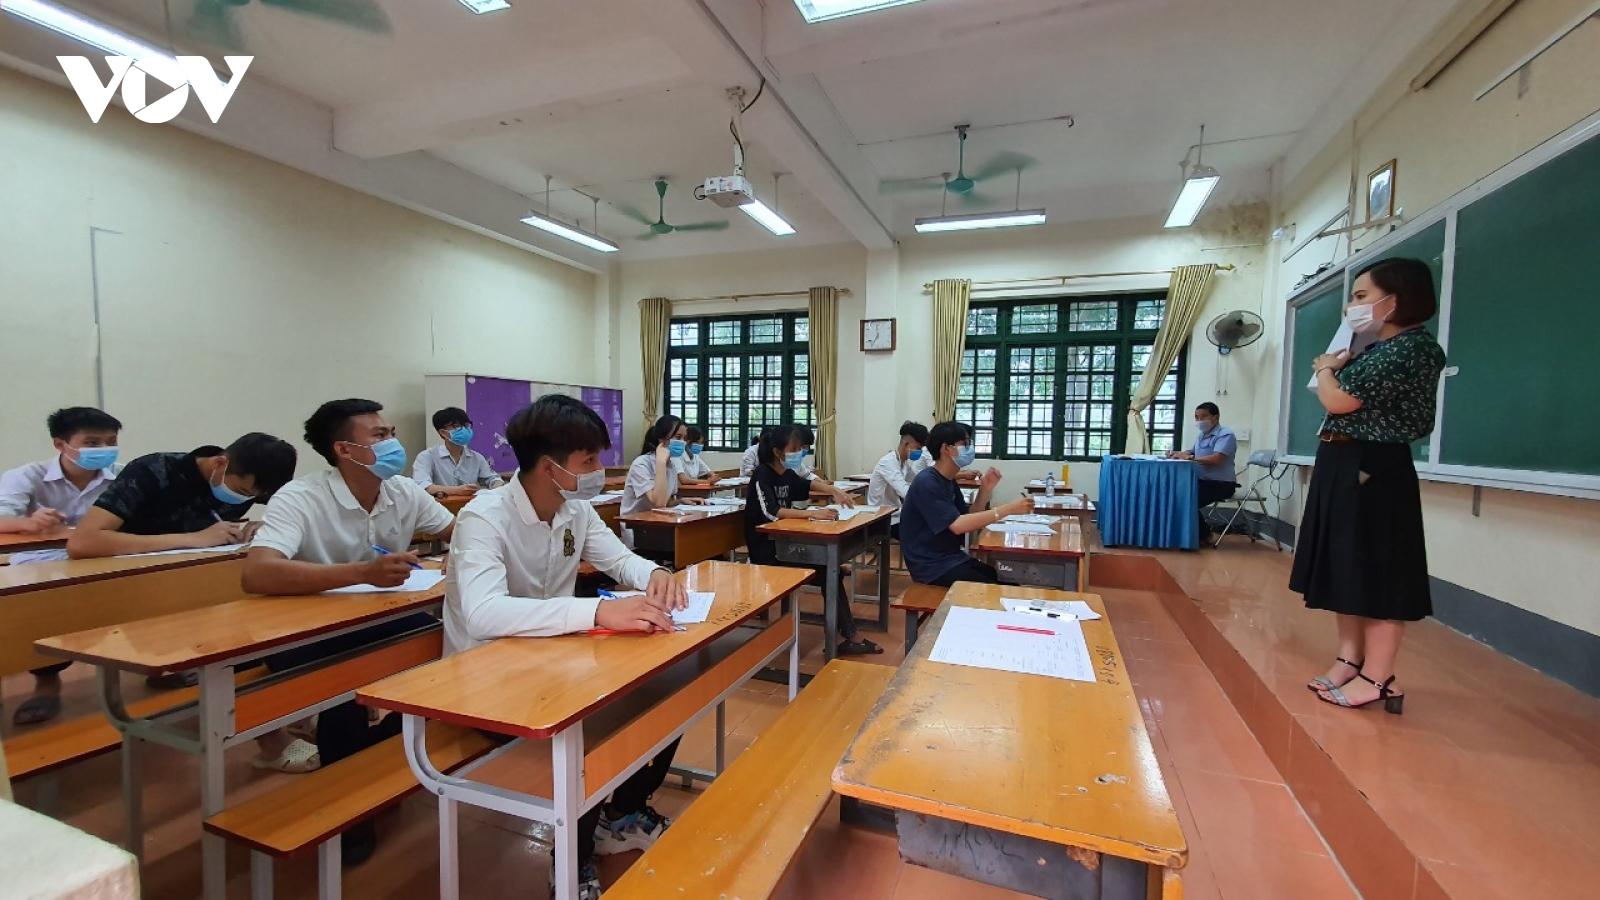 Hơn 580 thí sinh đạt điểm 10 môn Sinh trong đợt 1 thi tốt nghiệp THPT 2021